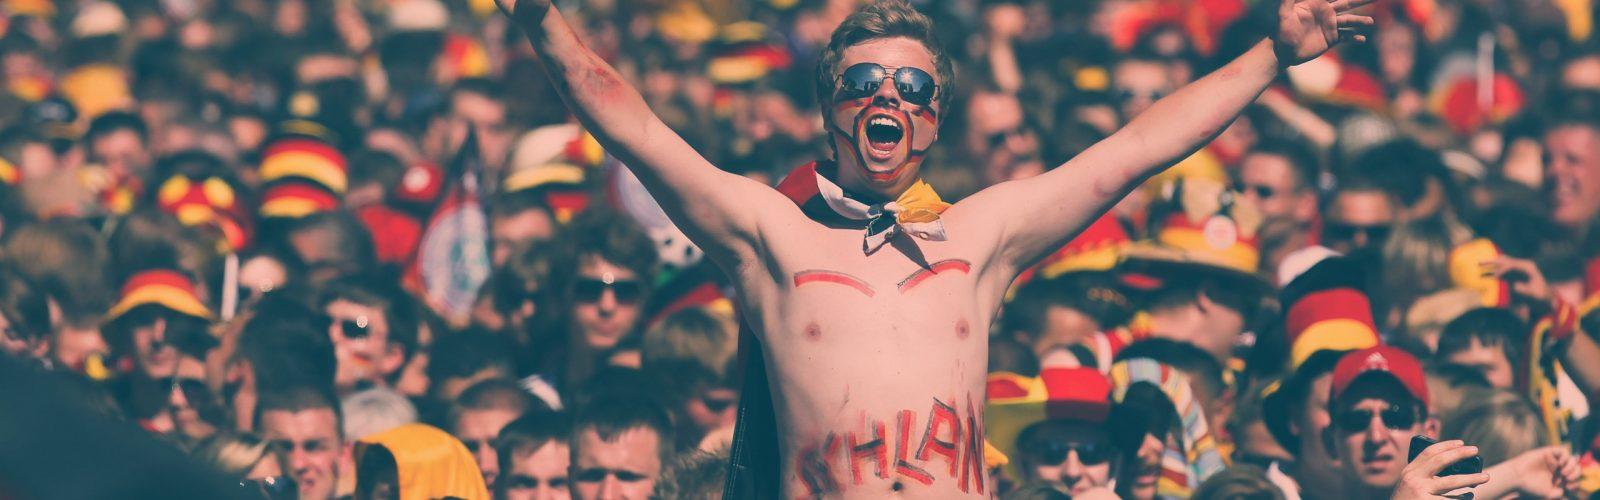 Tyskland Fotbolls VM 2018